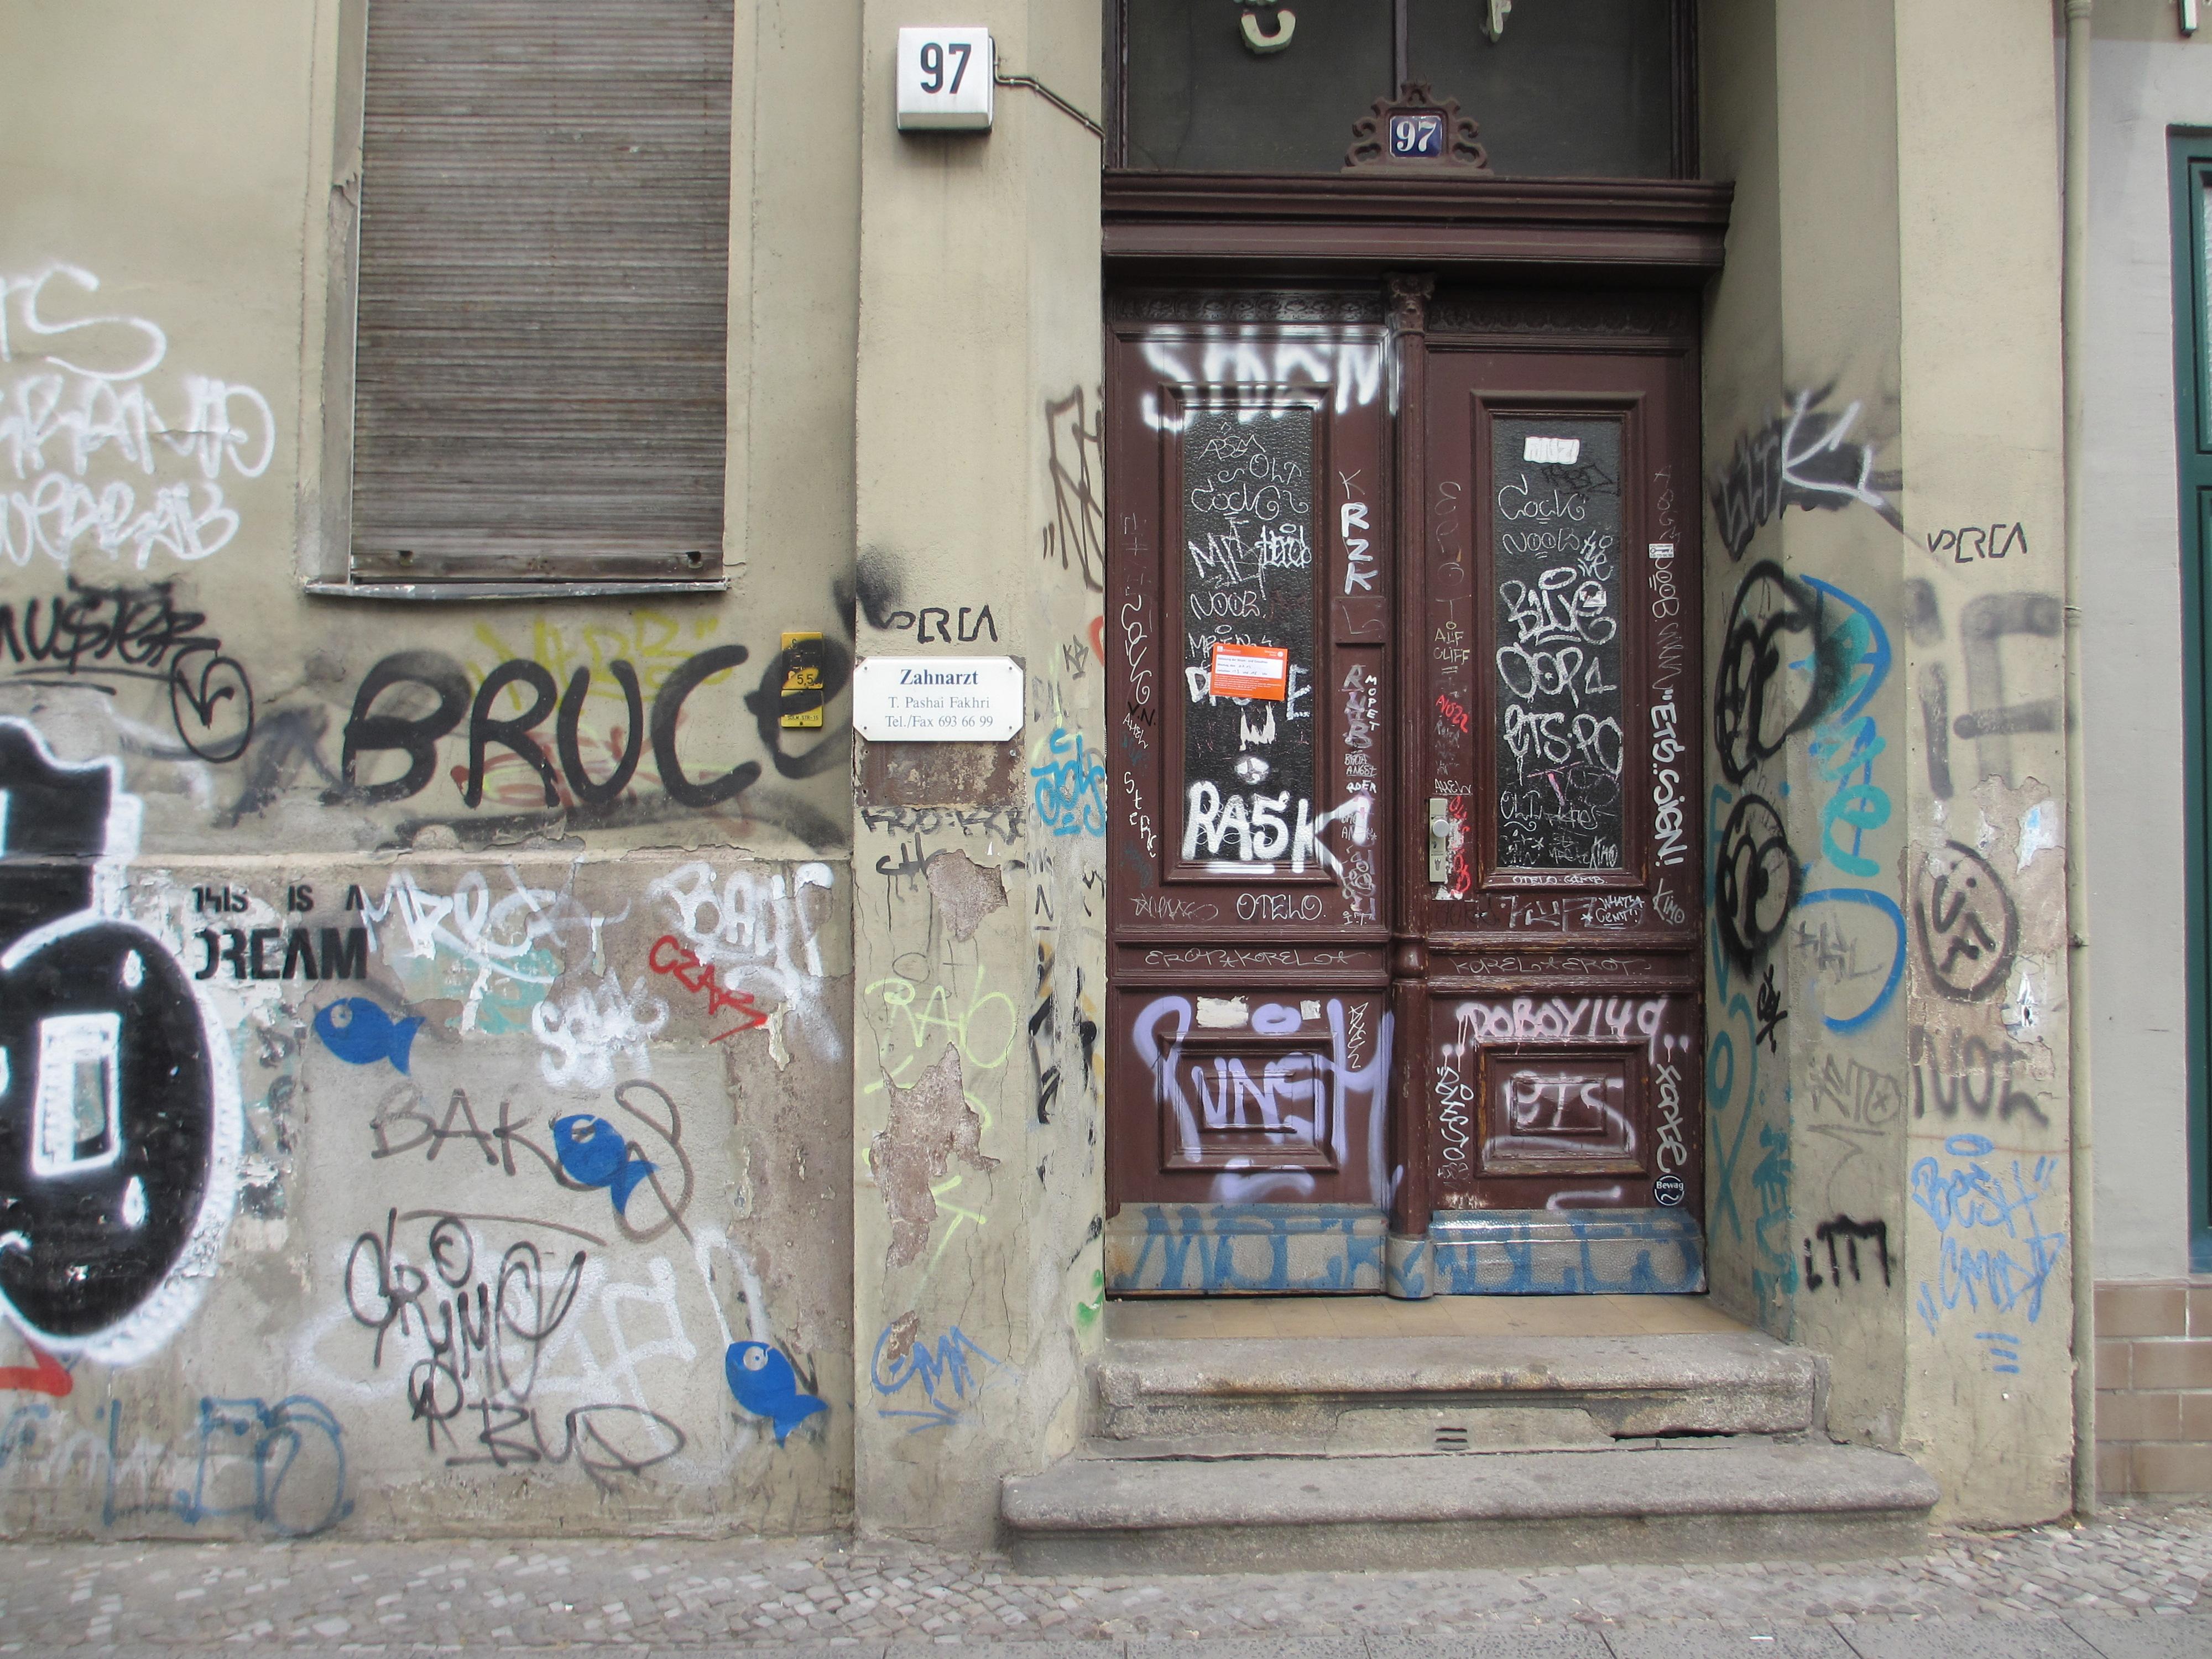 FileGraffiti City Door.JPG & File:Graffiti City Door.JPG - Wikimedia Commons